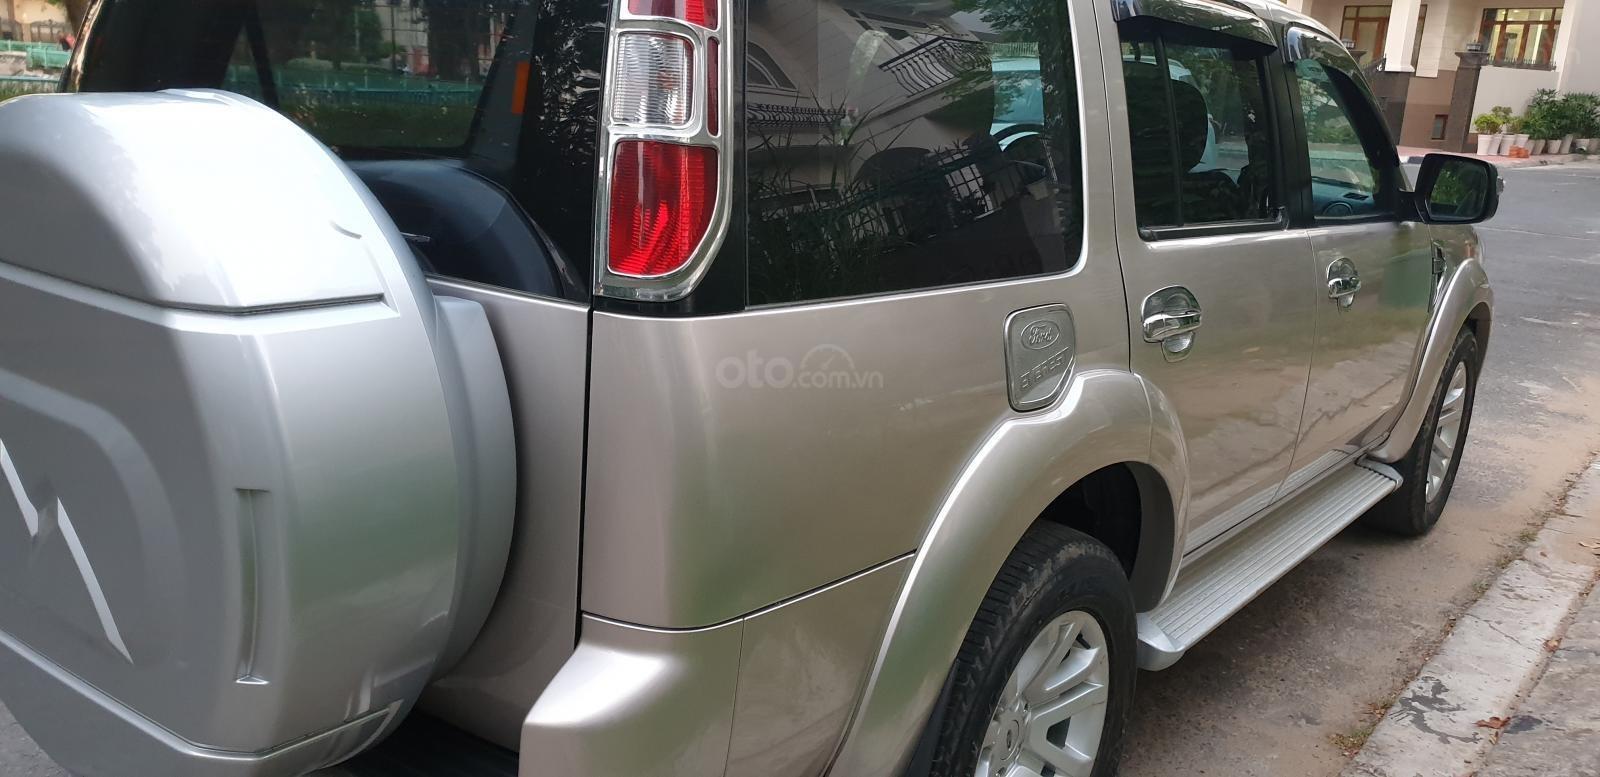 Bán Ford Everest Limited dầu 2.5 số tự động đời t5/2015, màu ghi vàng đẹp mới 90% (8)